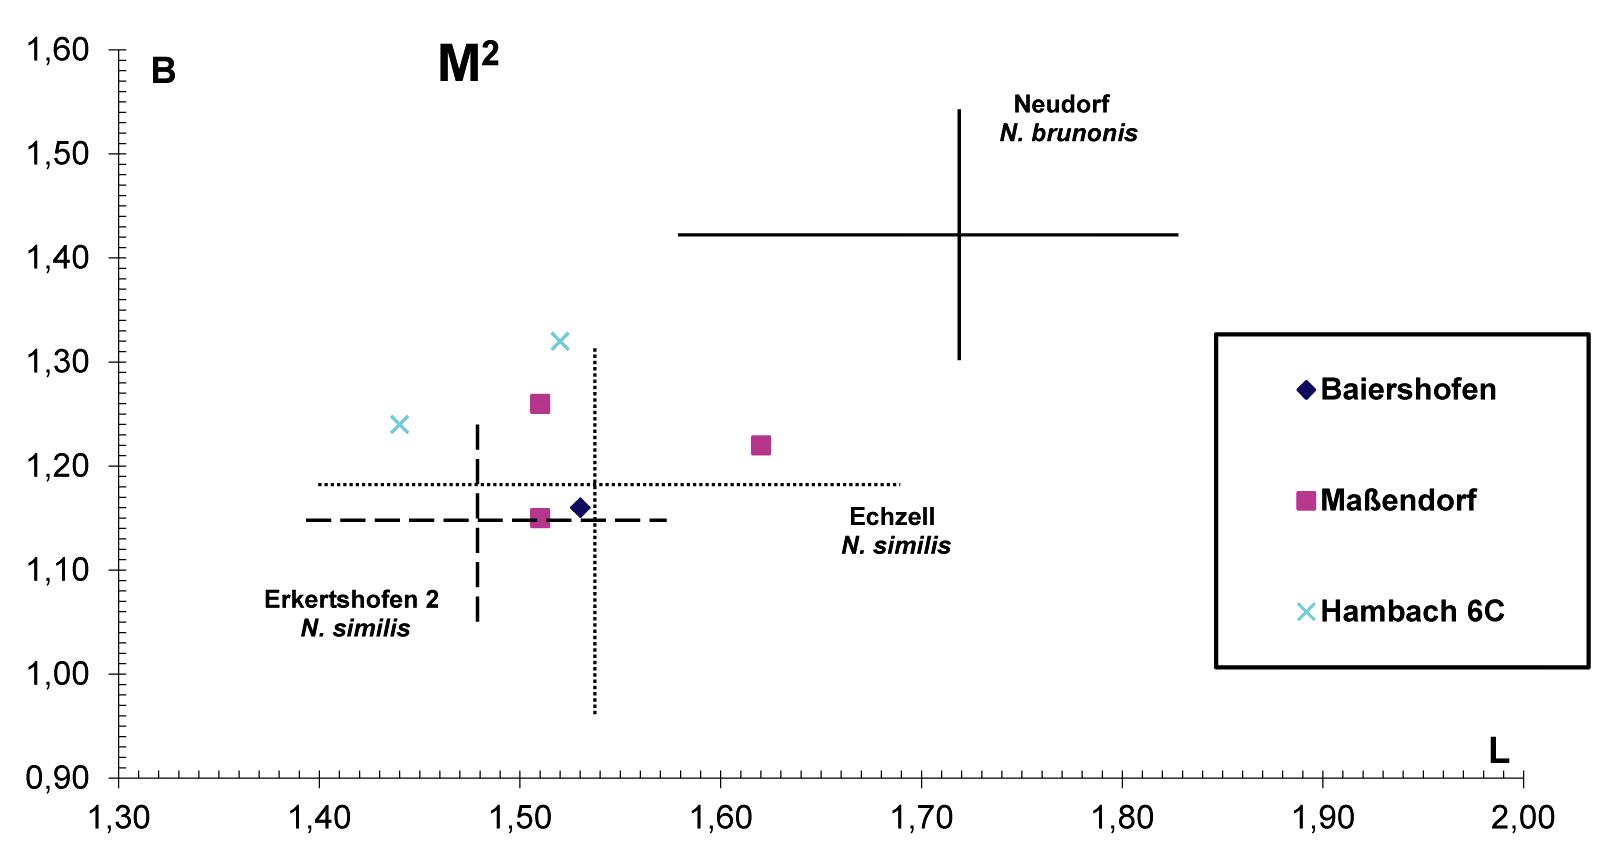 Abbildung 3. Längen-Breiten-Diagramm des M2 von Neocometes aus Baiershofen. Zum Vergleich sind die Werte/Streubereiche von N. similis von Erkertshofen 2 (MN 4) und Echzell (MN 4), (...)